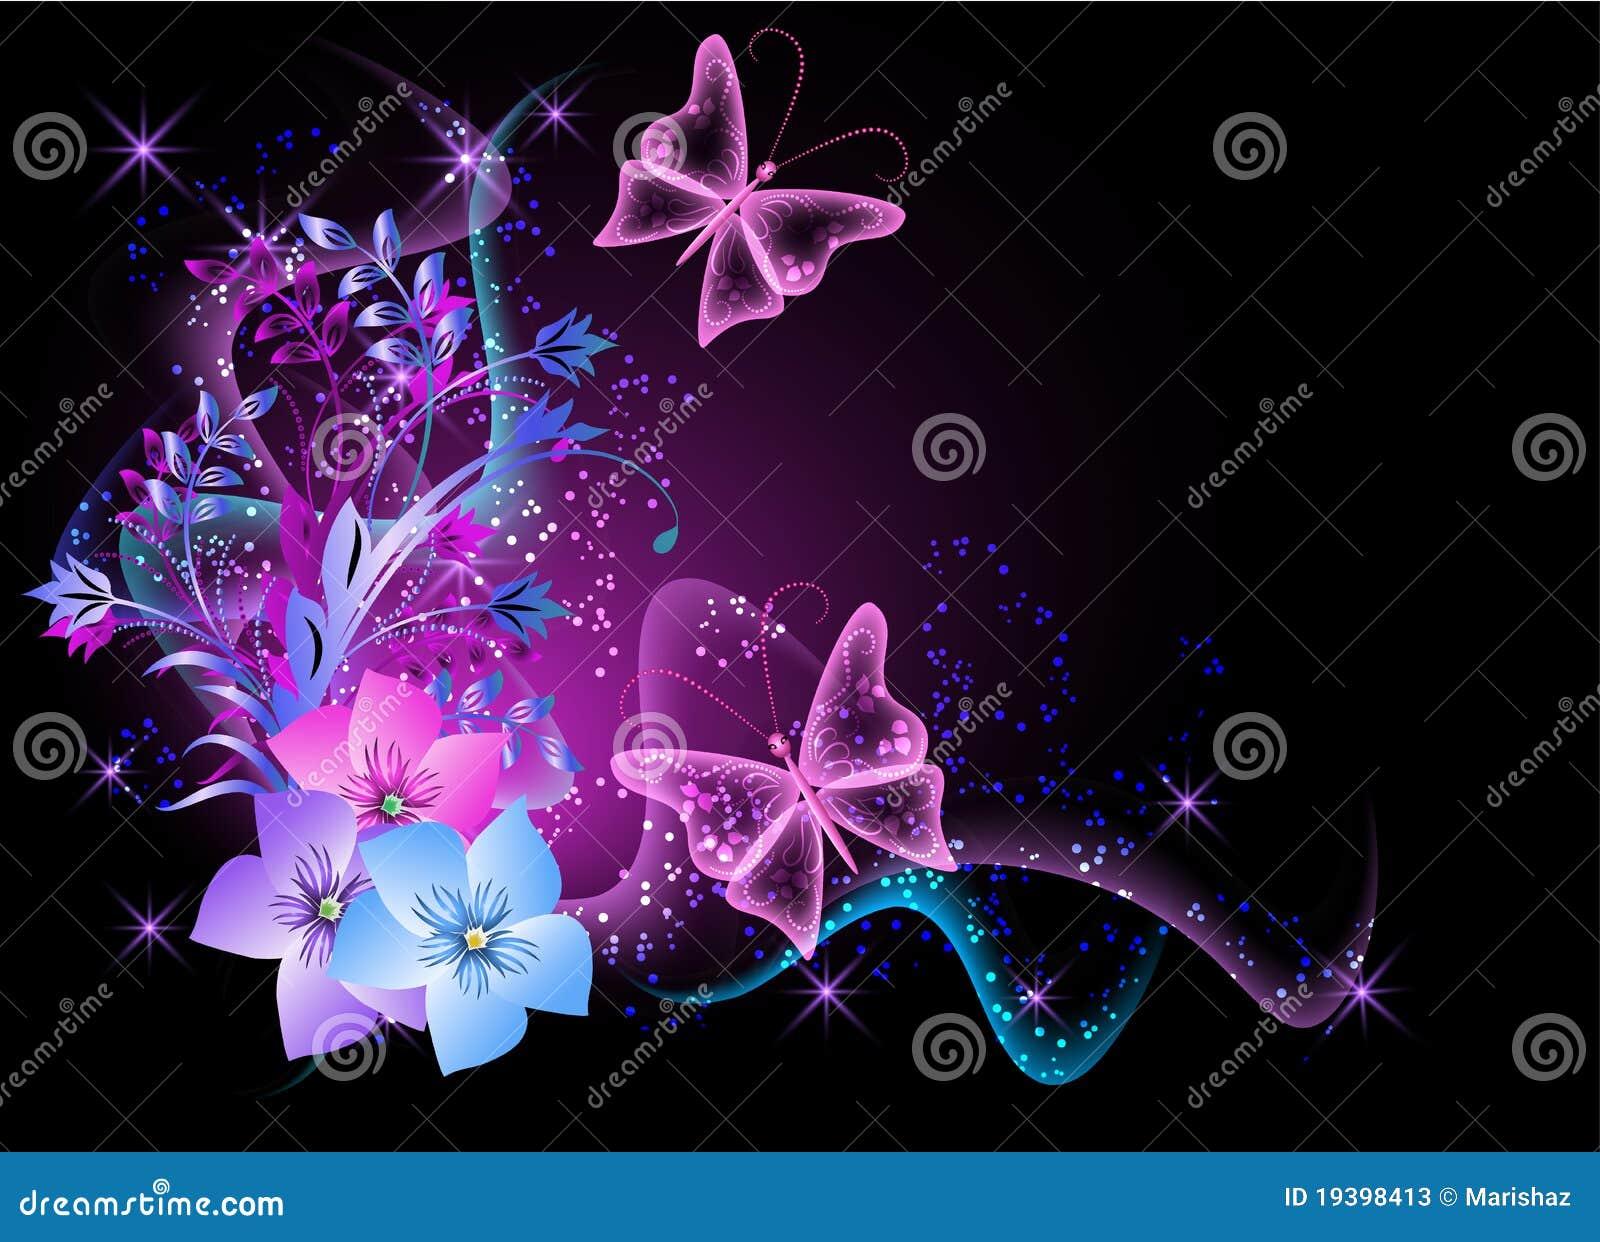 Fondo Con Las Flores El Humo Y La Mariposa Ilustración Del Vector